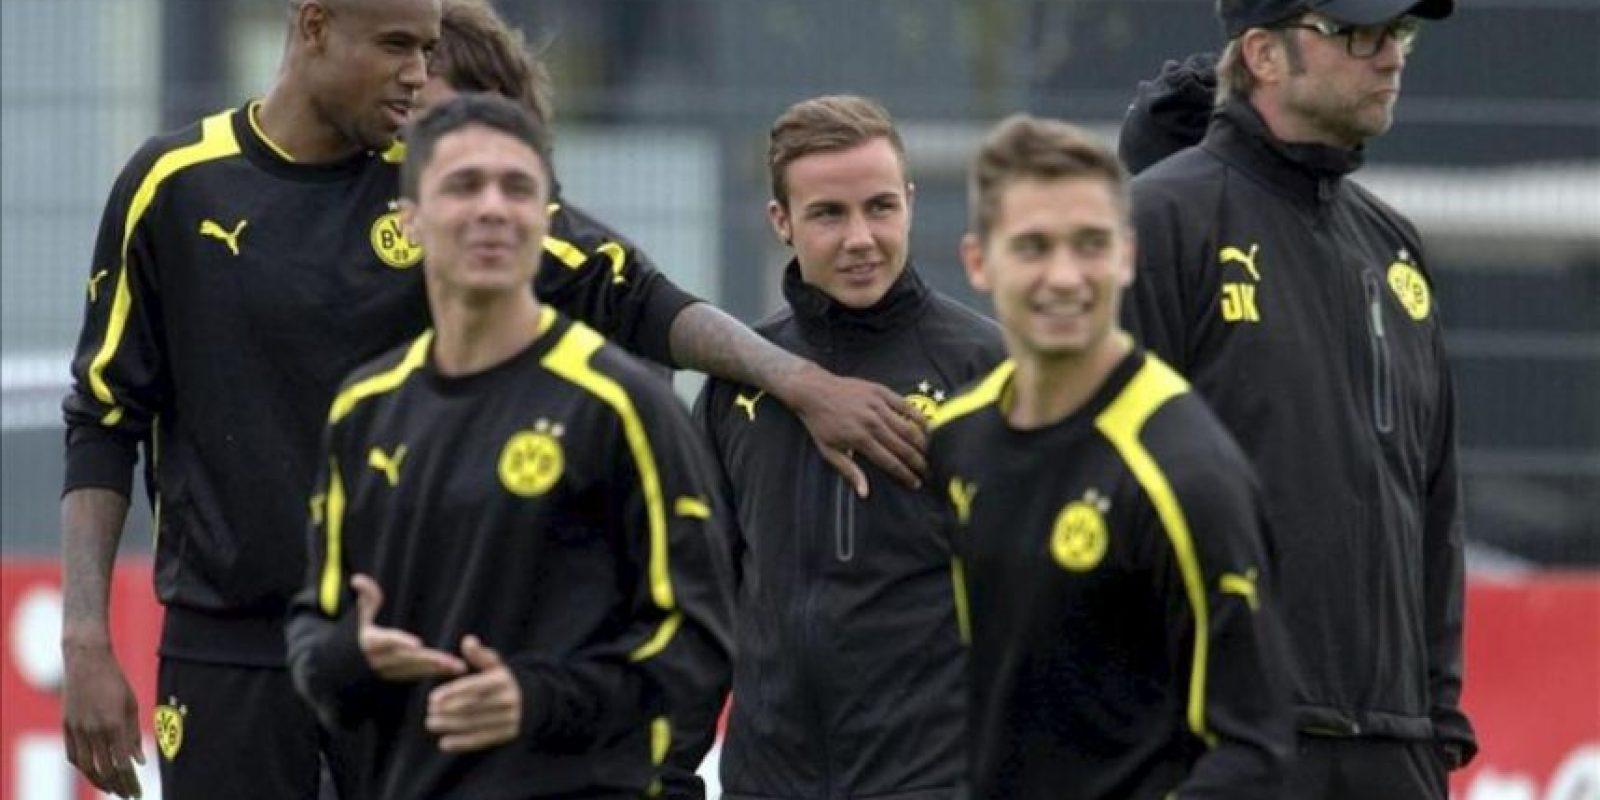 El entrenador del Borussia Dortmund, Jürgen Klopp (dcha), y el jugador Mario Goetze (c) entrenan junto a sus compañeros en Dortmund, Alemania. EFE